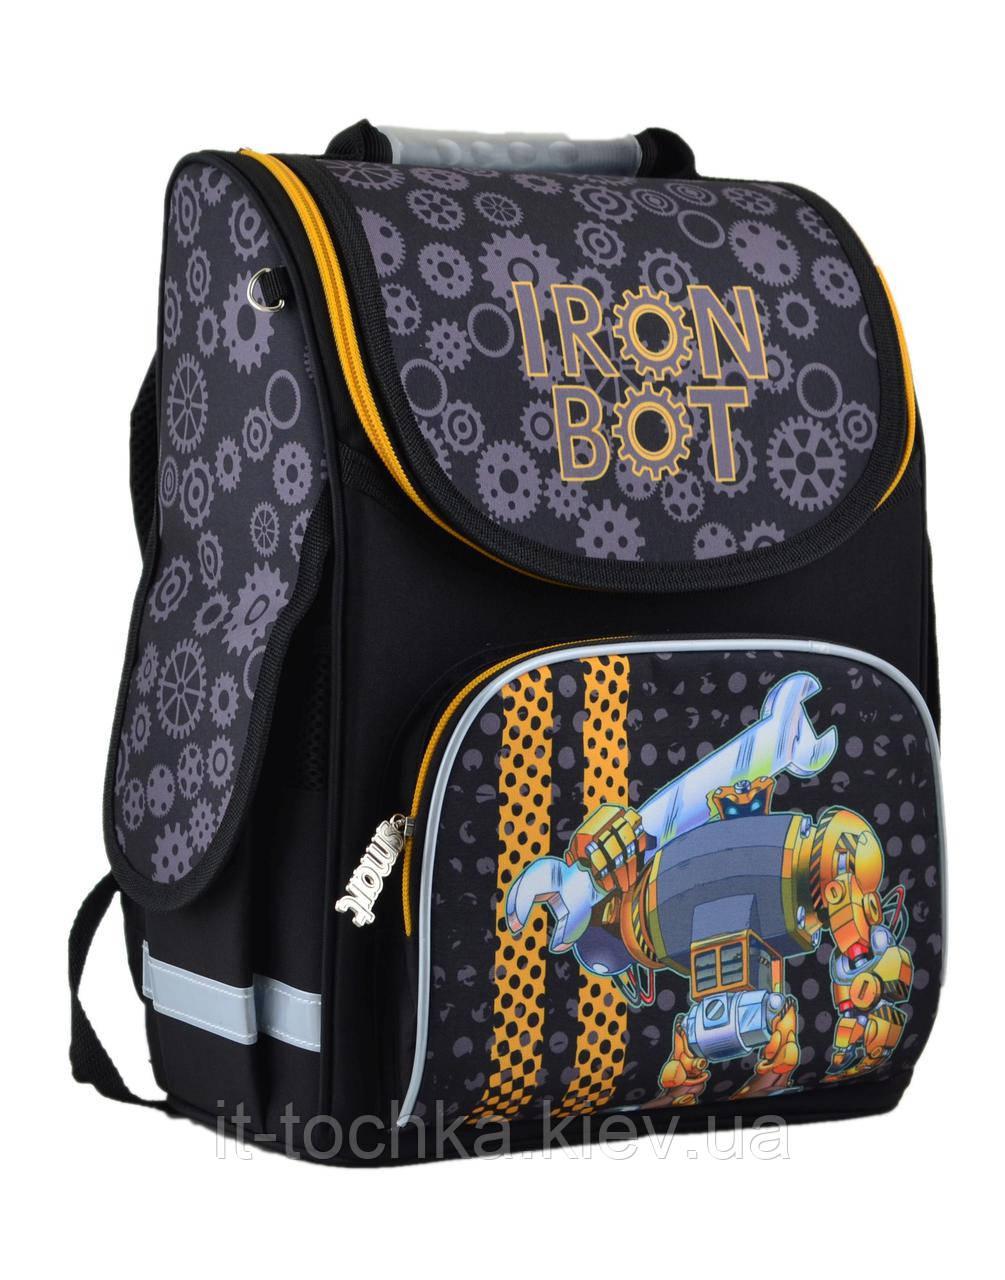 Рюкзак школьный каркасный smart pg-11 iron bot, 34*26*14